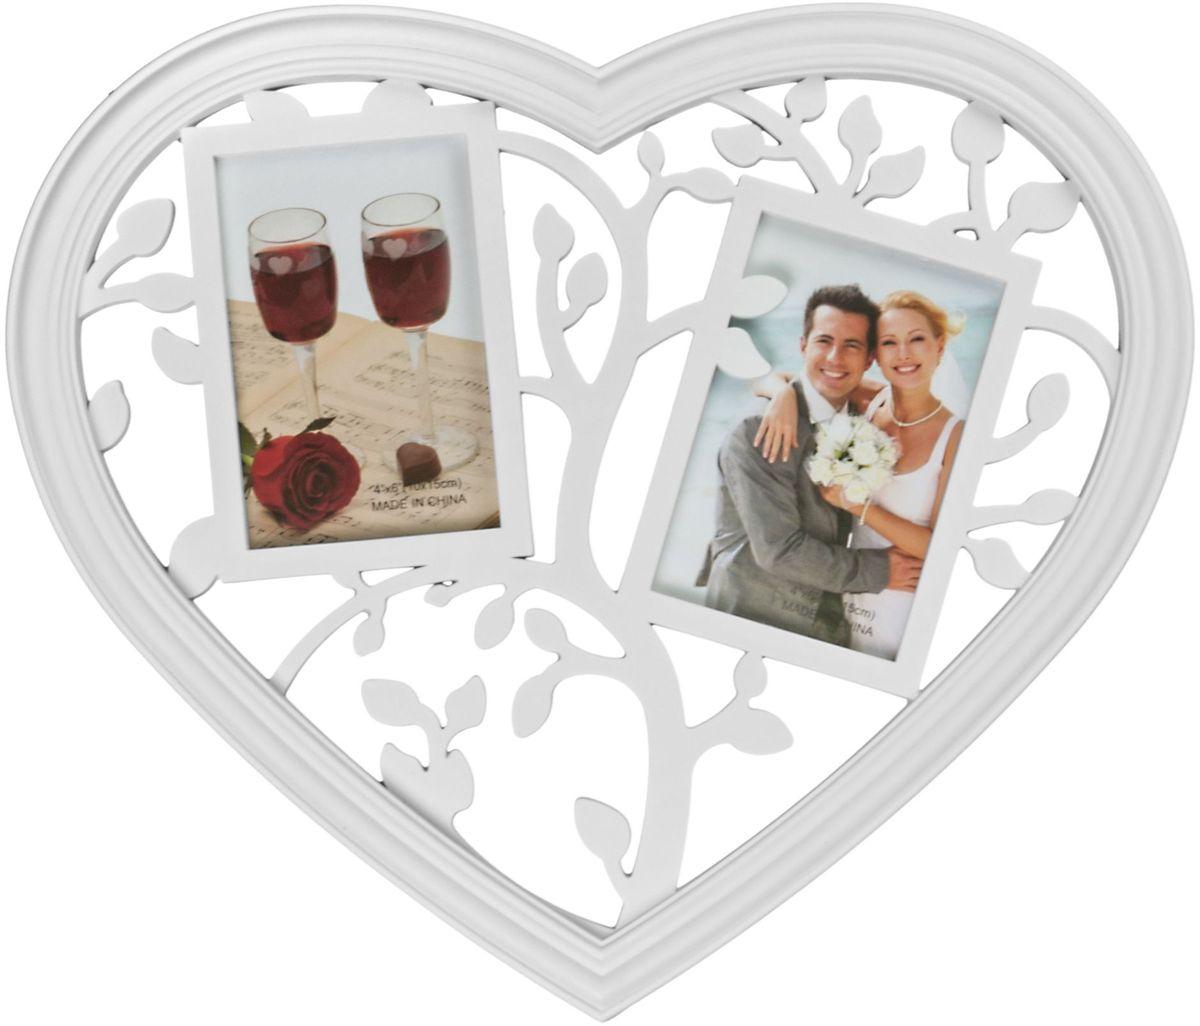 Фоторамка Platinum Сердце, цвет: белый, на 2 фото 10 х 15 см6268_темно-коричневыйФоторамка Platinum Сердце - прекрасный способ красиво оформить ваши фотографии. Фоторамка выполнена из пластика в виде сердца и защищена стеклом. Фоторамка-коллаж представляет собой две фоторамки для фото одного размера оригинально соединенных между собой. Такая фоторамка поможет сохранить в памяти самые яркие моменты вашей жизни, а стильный дизайн сделает ее прекрасным дополнением интерьера комнаты.Фоторамка подходит для фотографий 10 х 15 см.Общий размер фоторамки: 40 х 34 см.